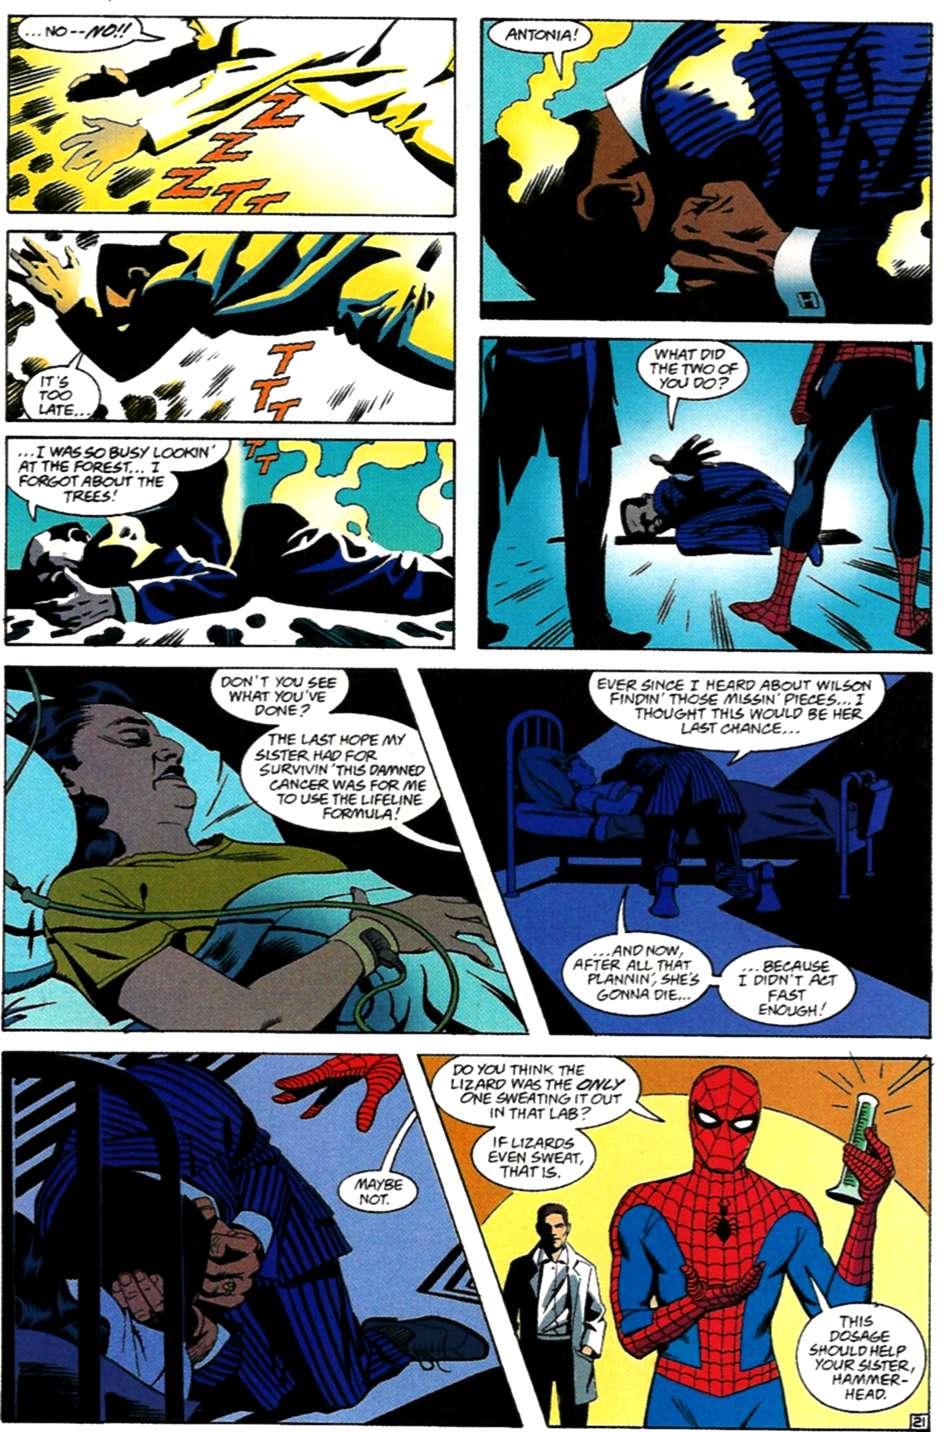 Read online Spider-Man: Lifeline comic -  Issue #3 - 21